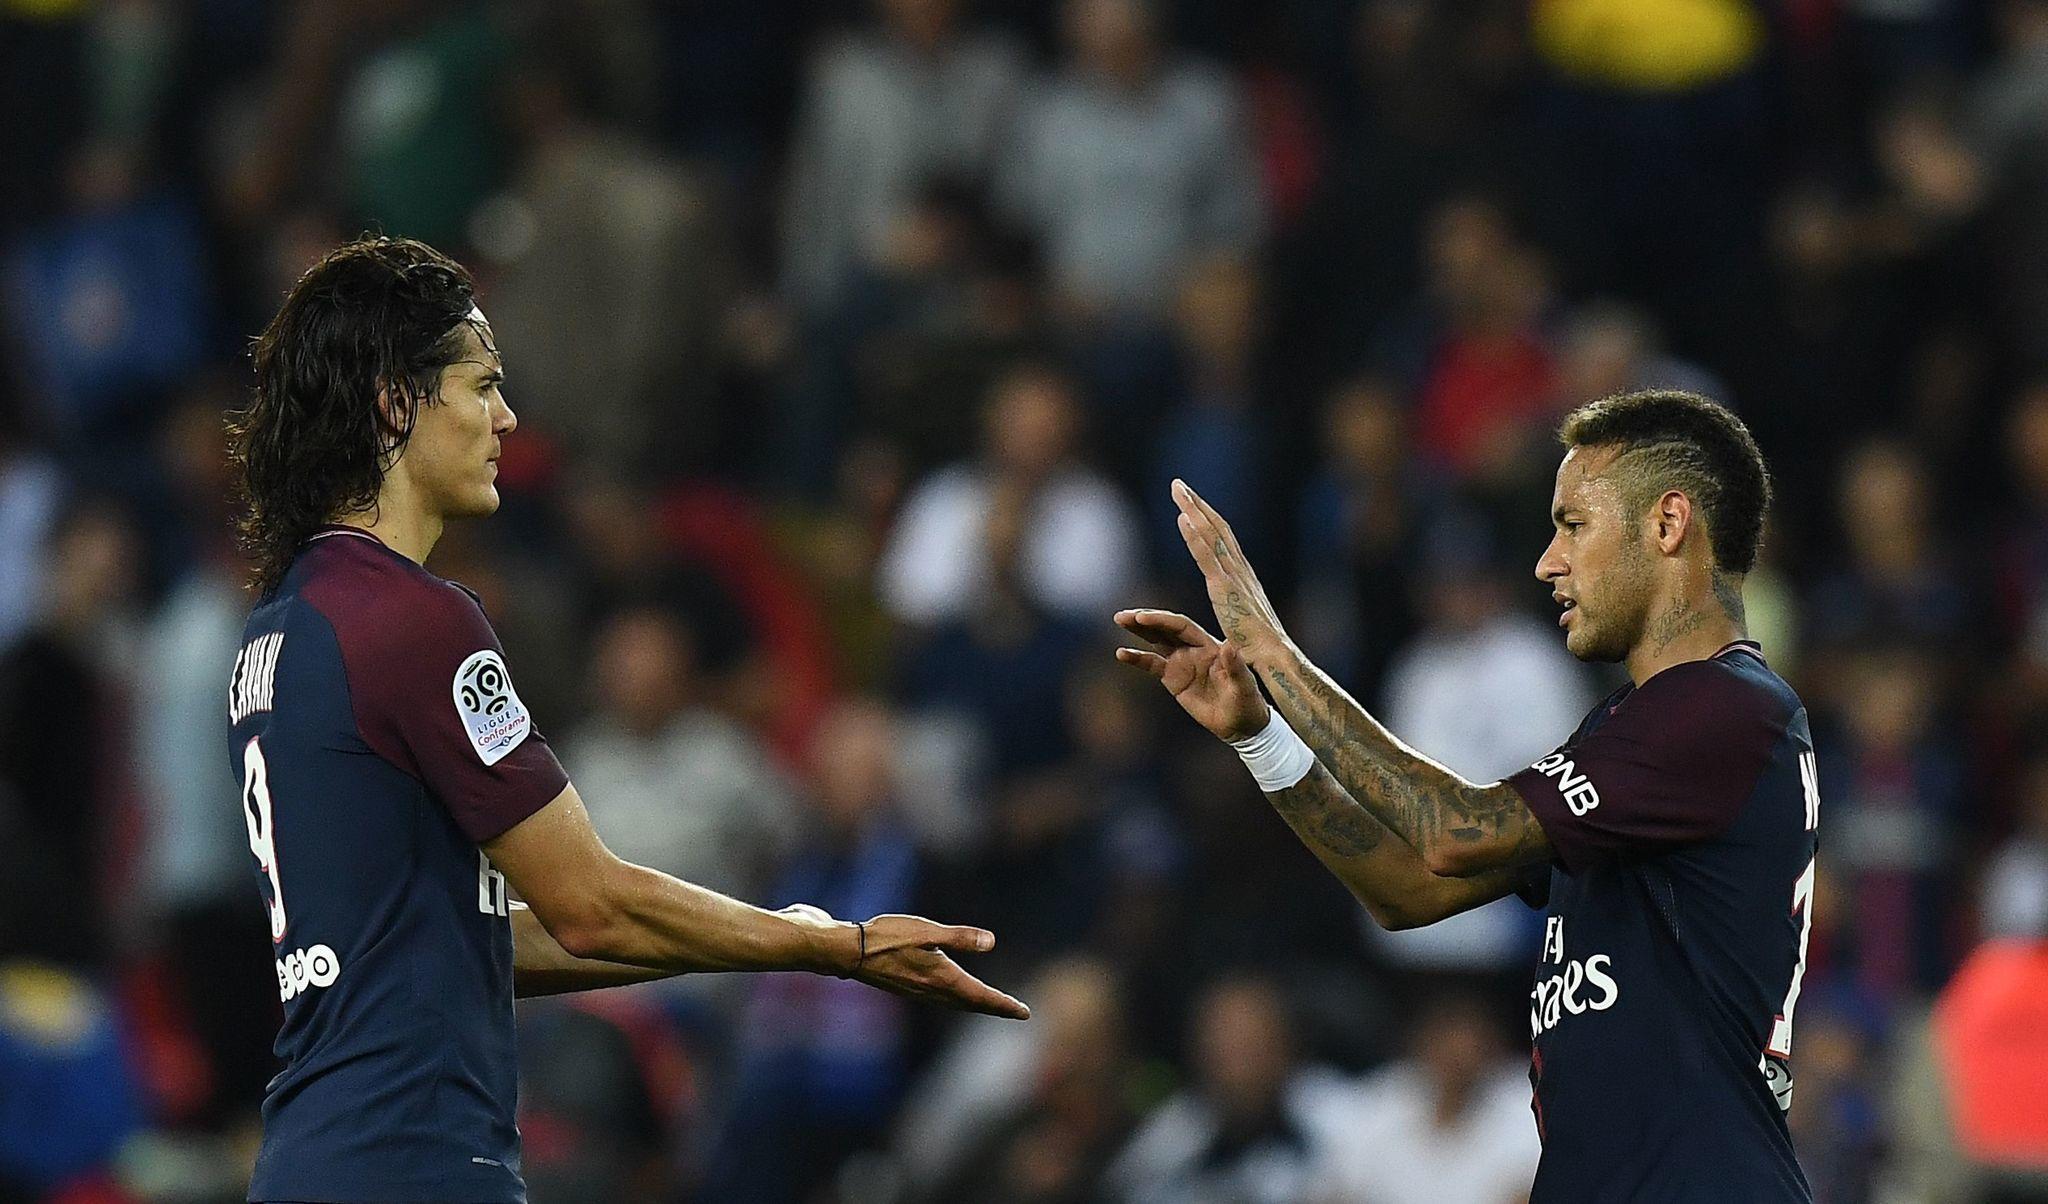 PSG vẫn khẳng định sẽ luân phiên sử dụng Neymar và Cavani cho những quả phạt đền